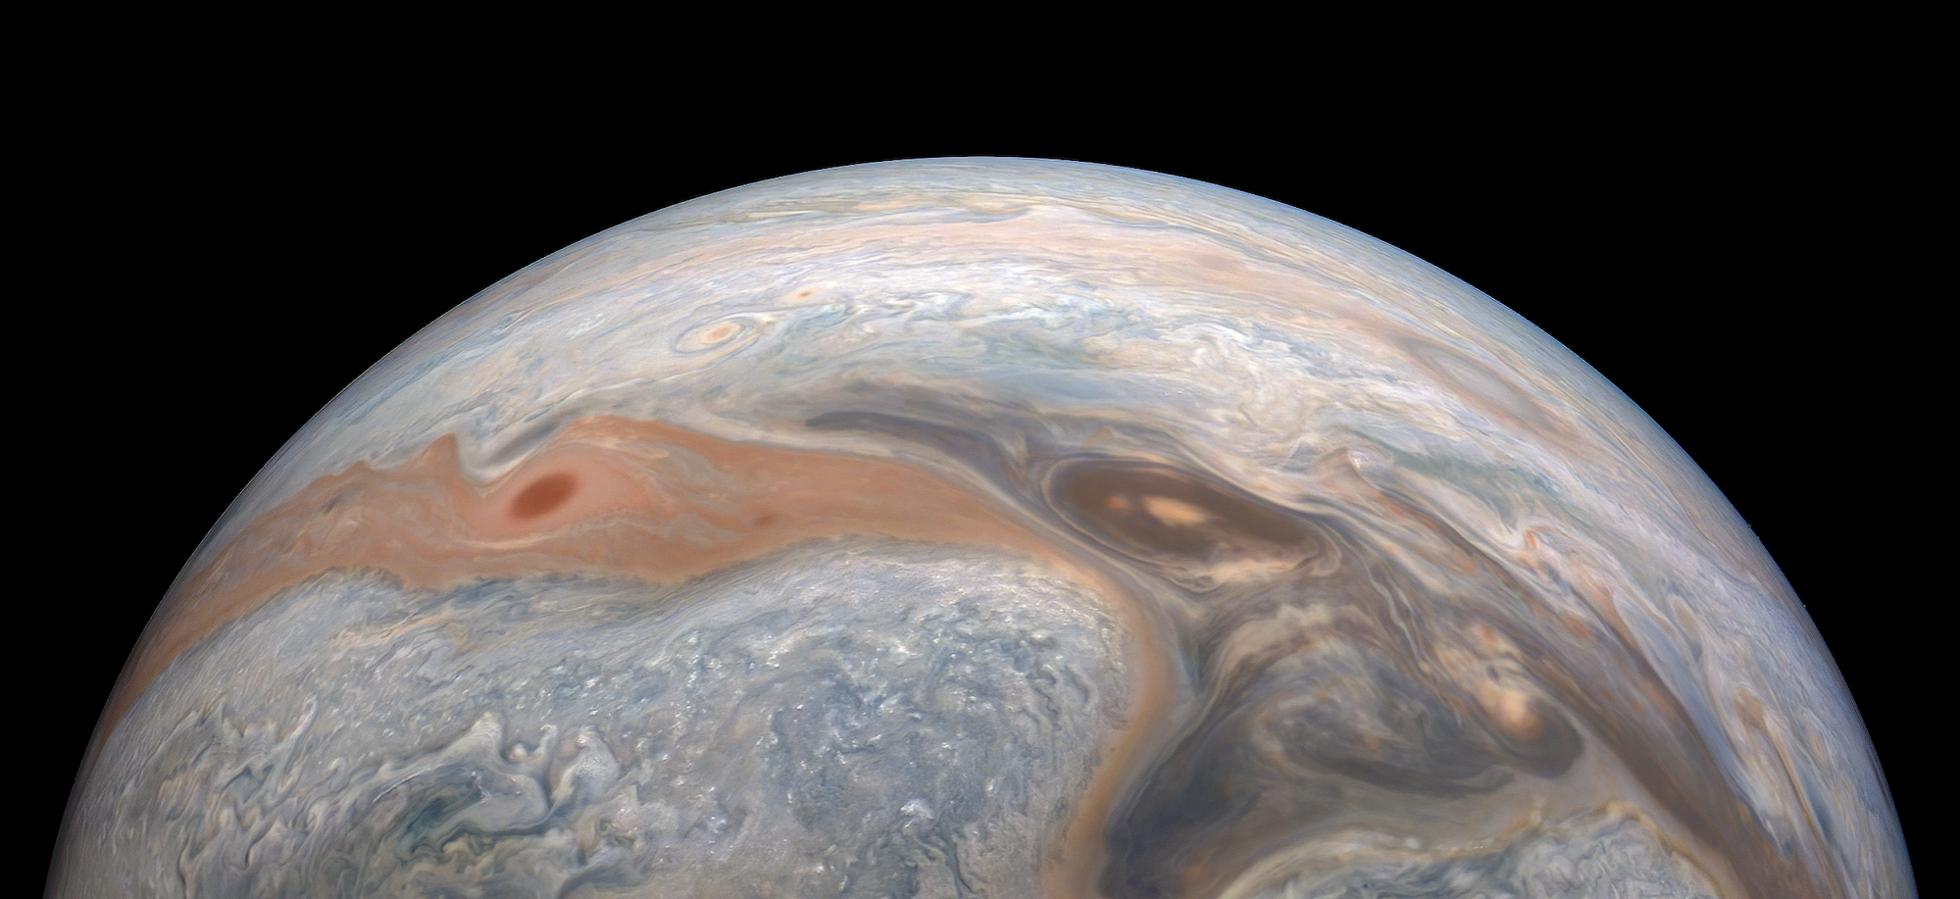 Planeta Jupiter galerie imagini distanta